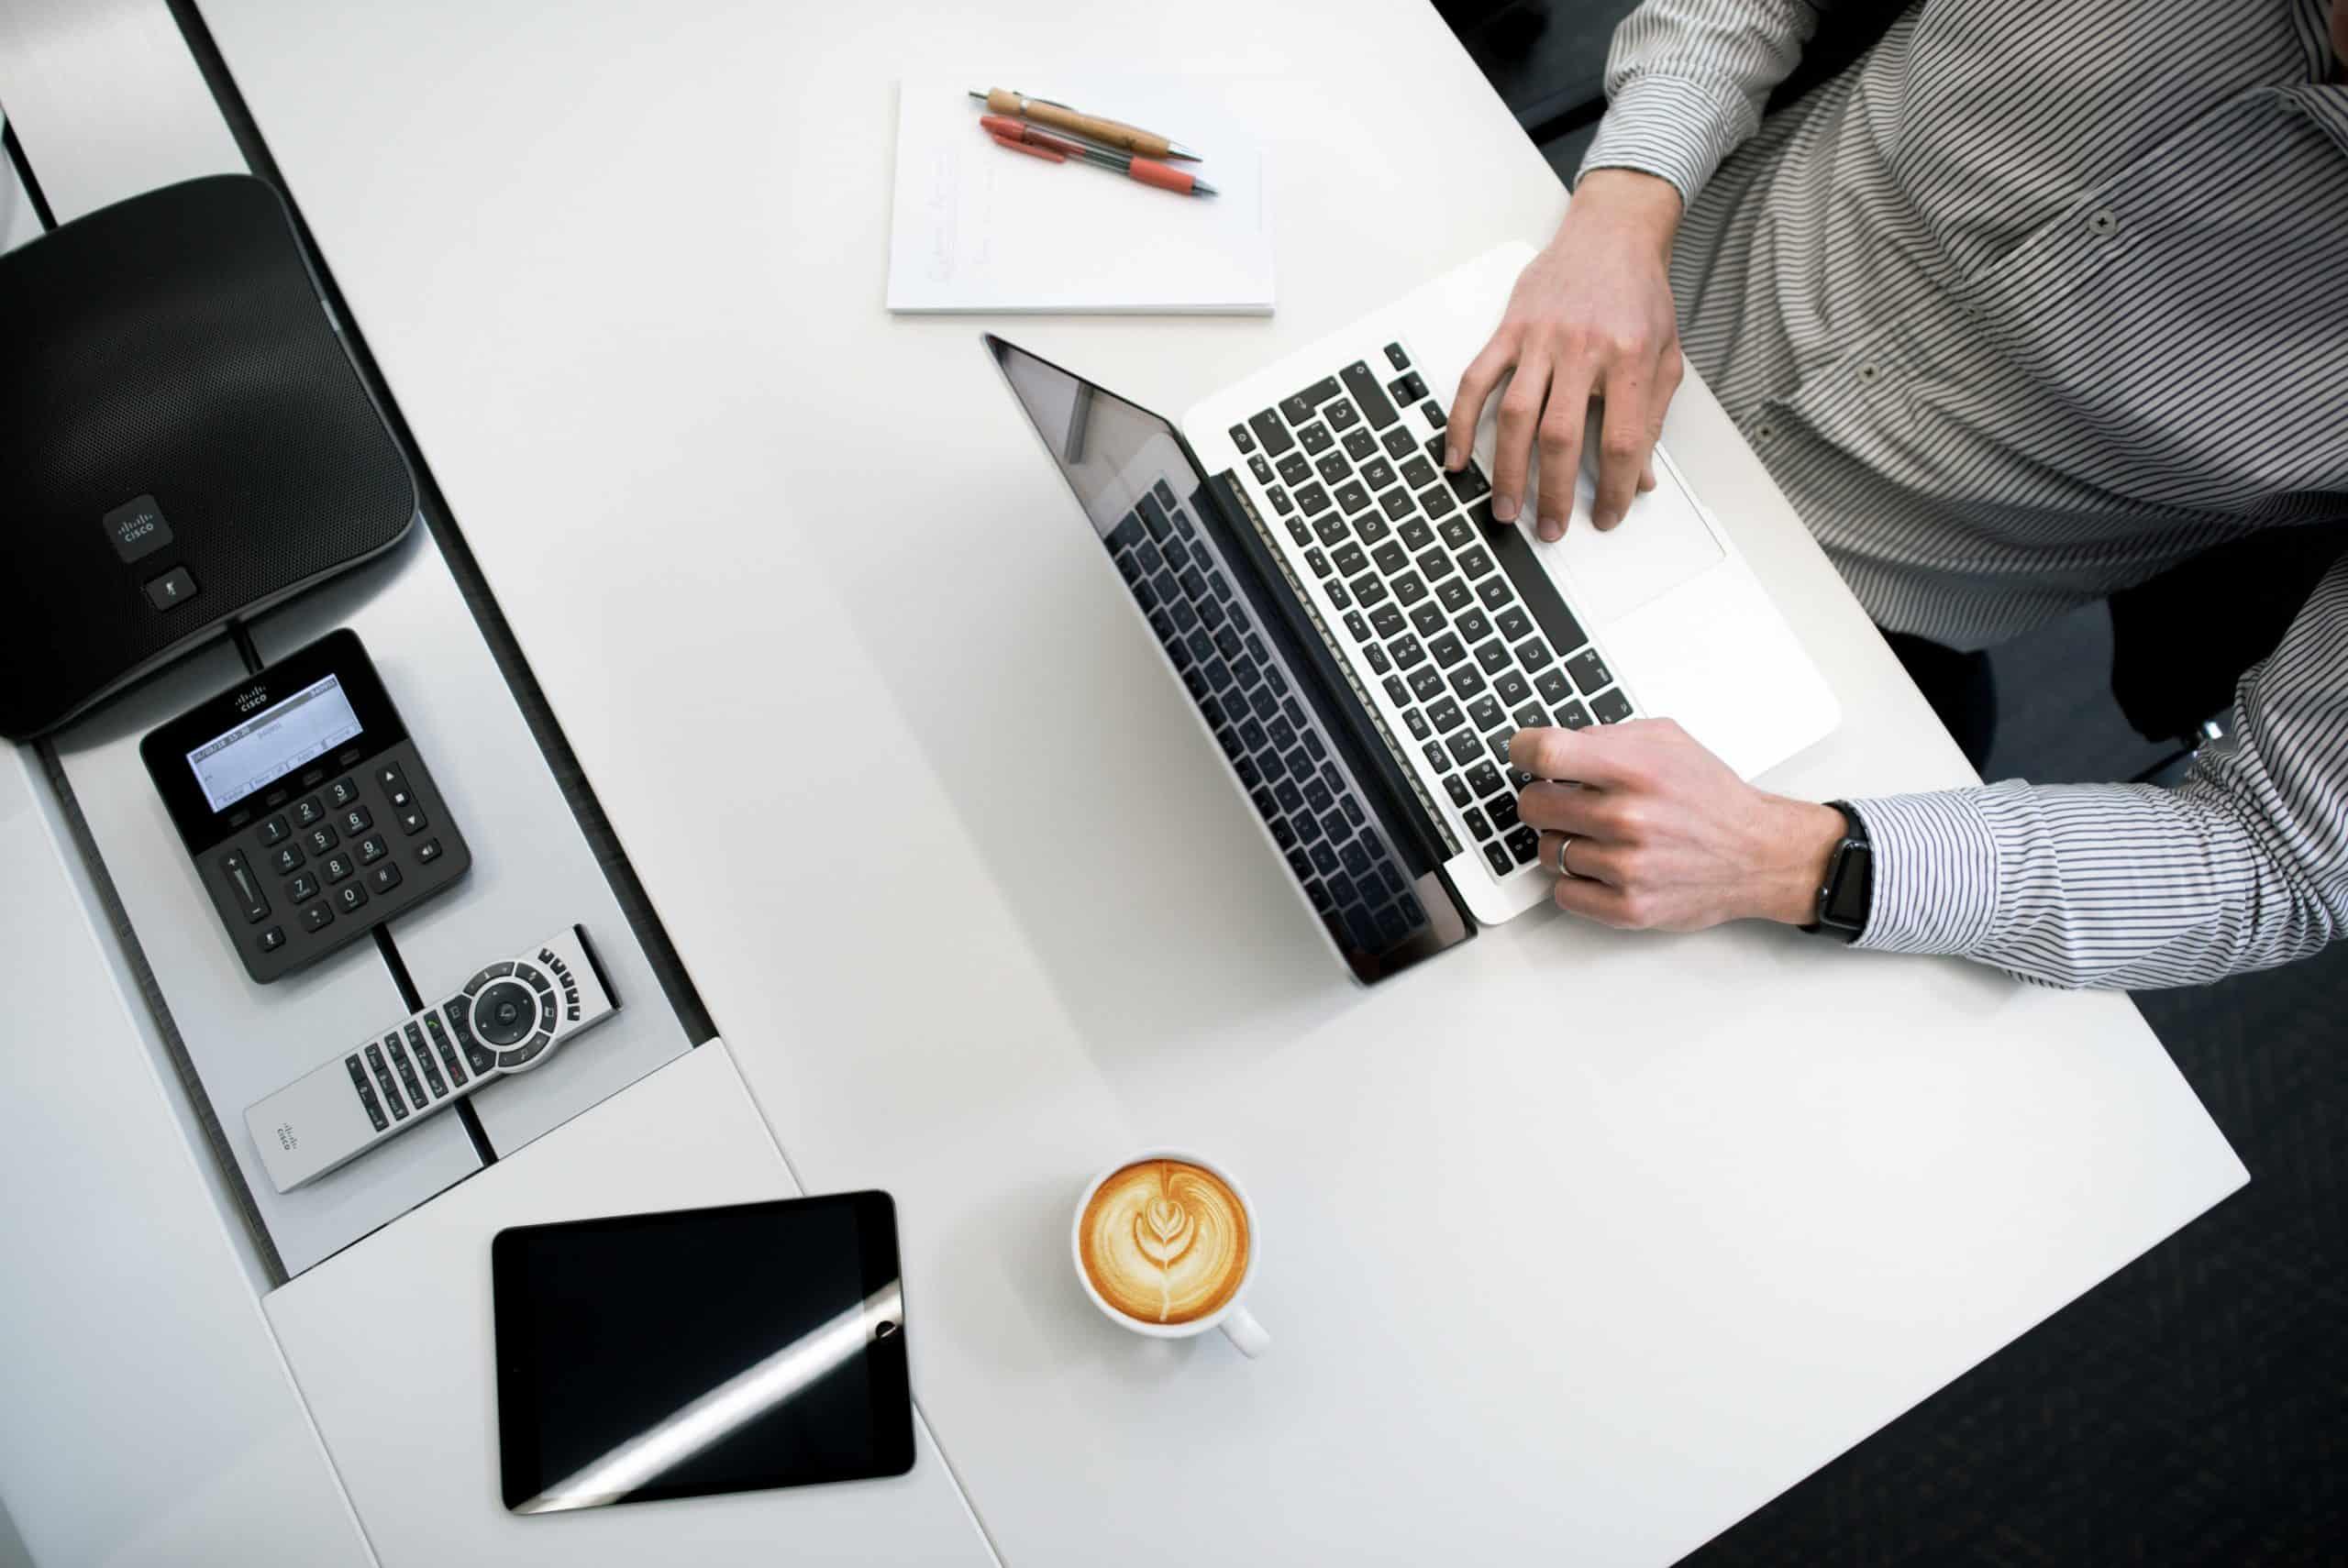 Best Business Etiquette course tutorial class certification training online